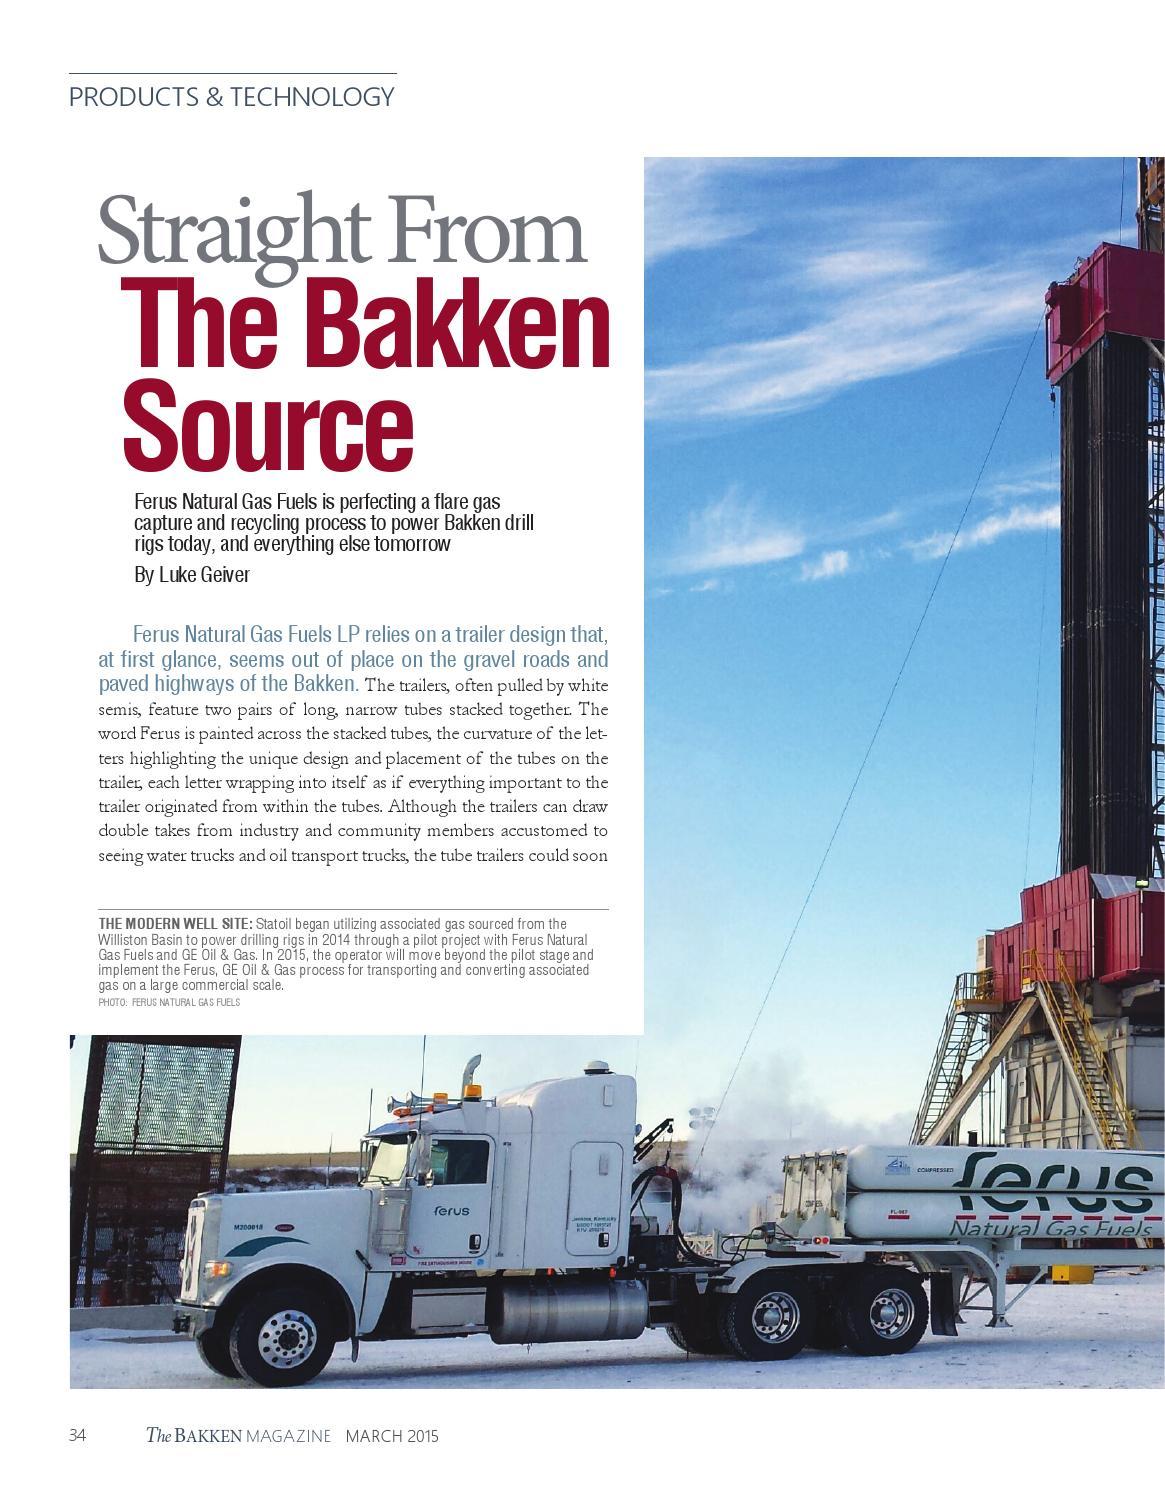 Ferus Natural Gas Fuels Lp